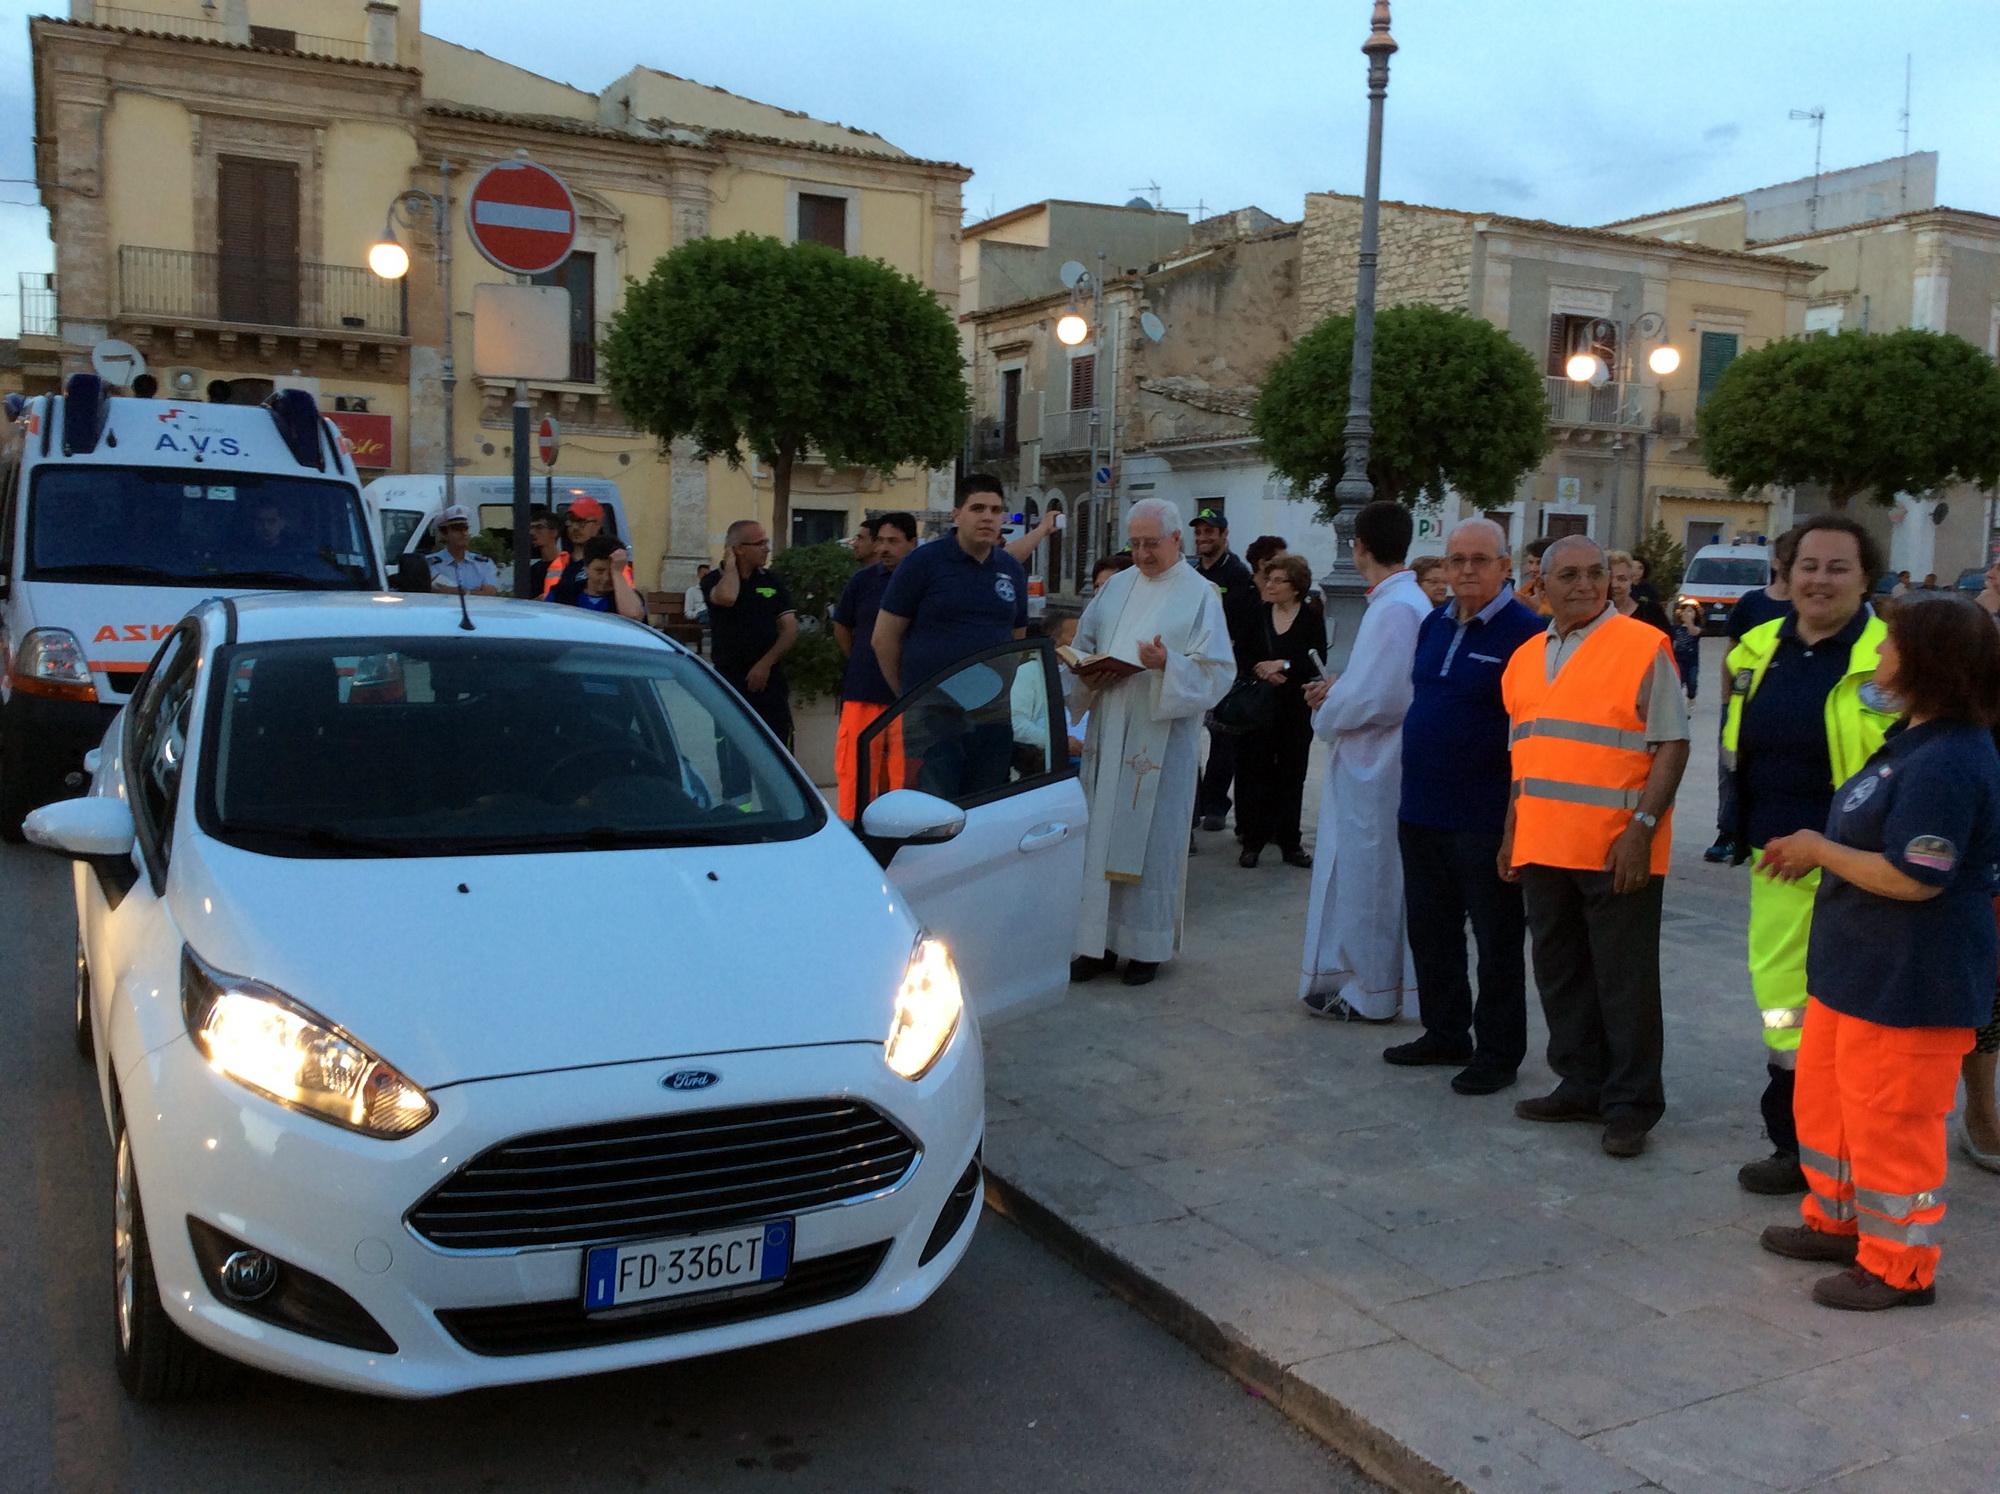 L'Avs compra un'auto per la cittadinanza: il mezzo benedetto dal parroco